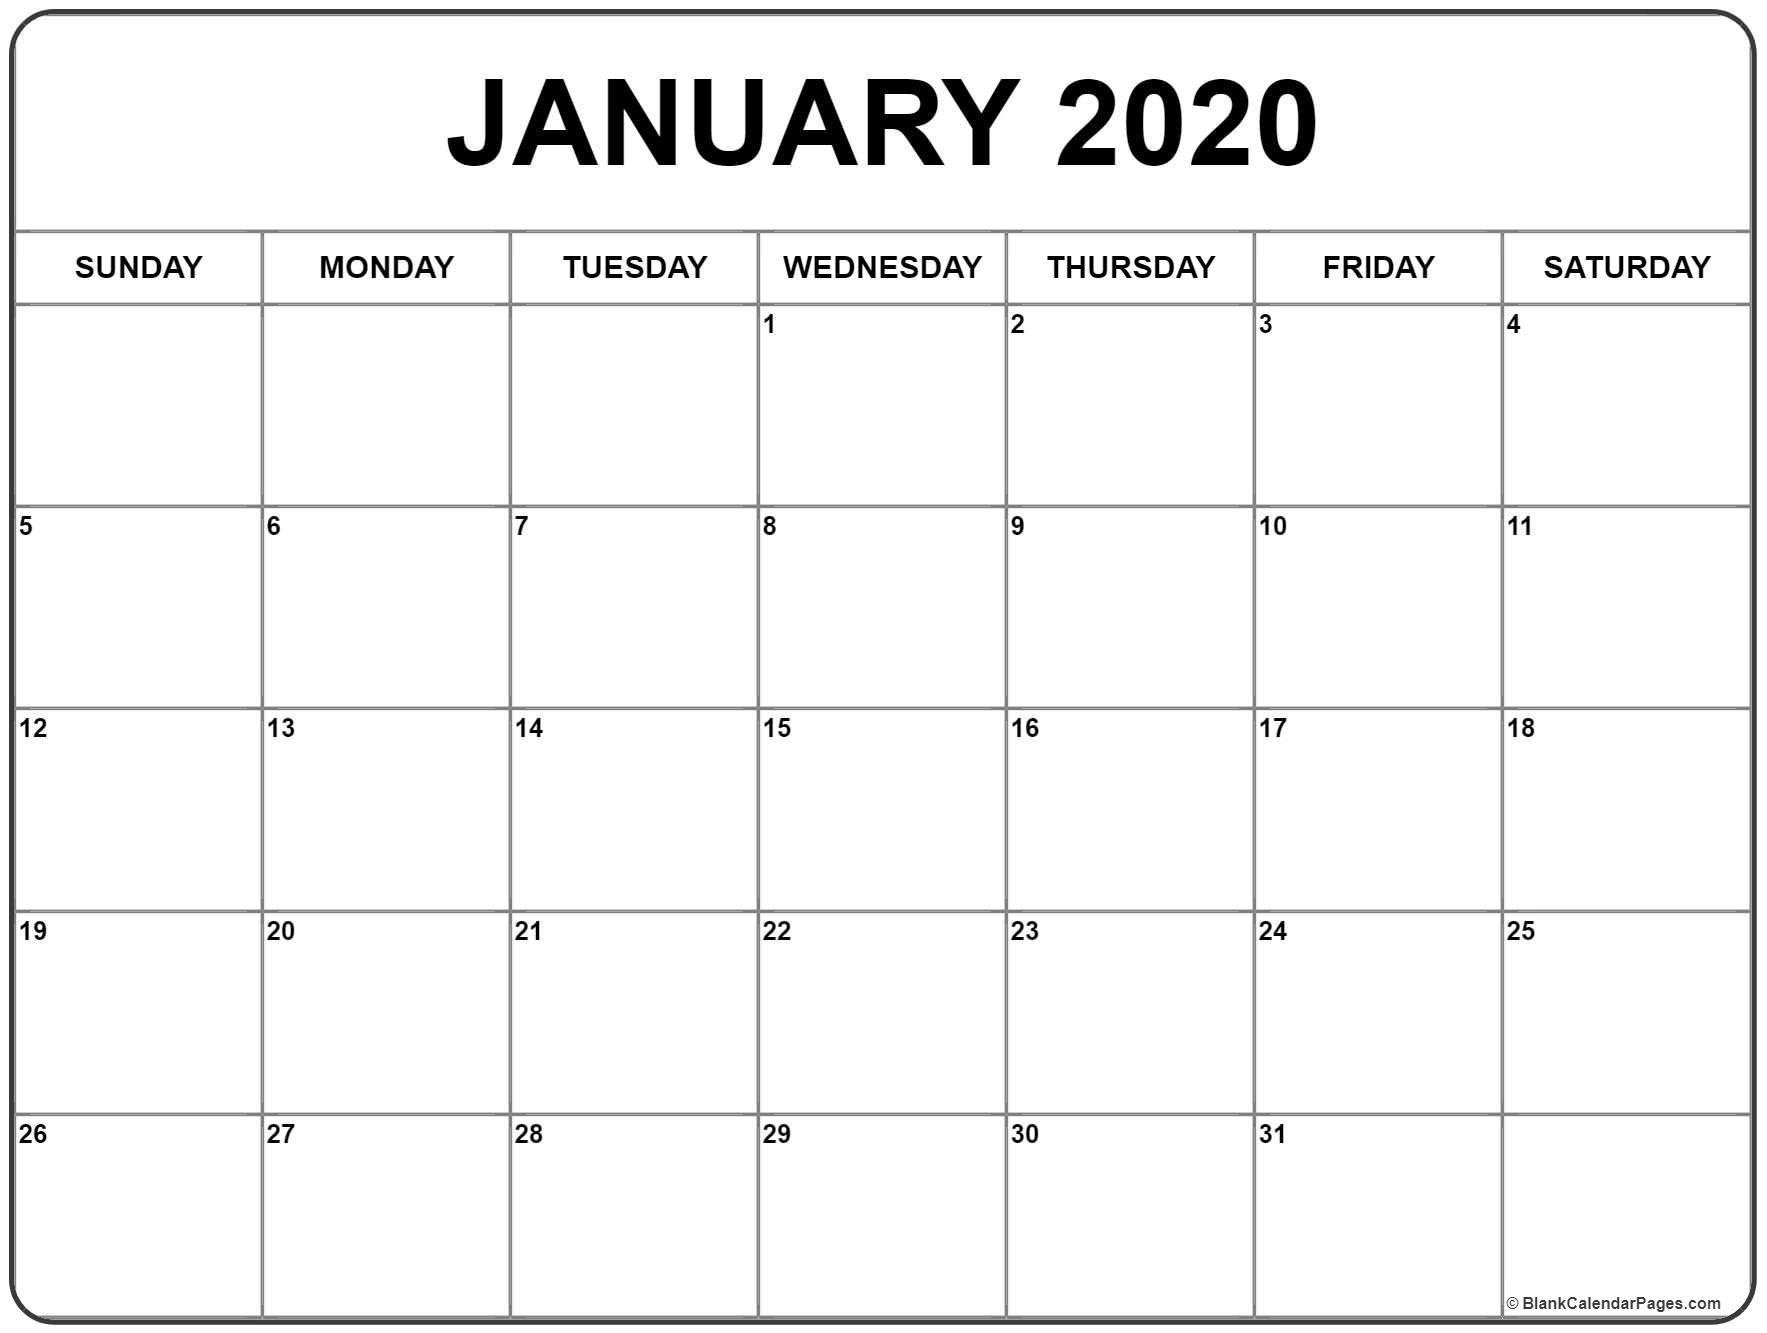 2020 Printable Calender Imom - Calendar Inspiration Design pertaining to 2020 Calendar Free Printable Imom